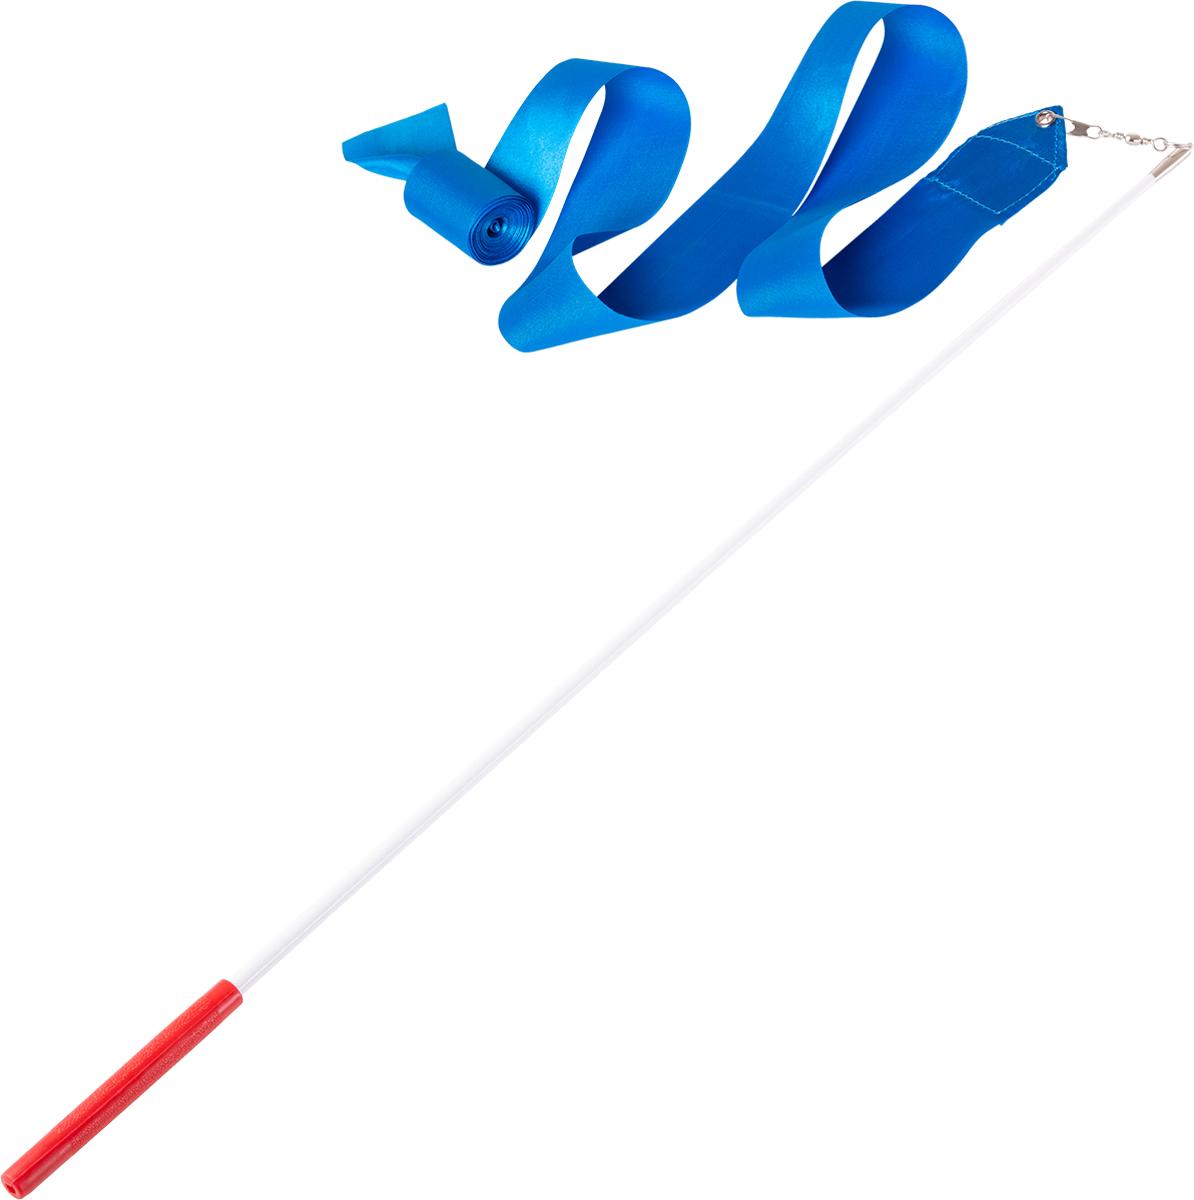 Лента для художественной гимнастики Amely AGR-201, длина 4 м, с палочкой 56 см, цвет: голубой лонгслив для гимнастики малыши